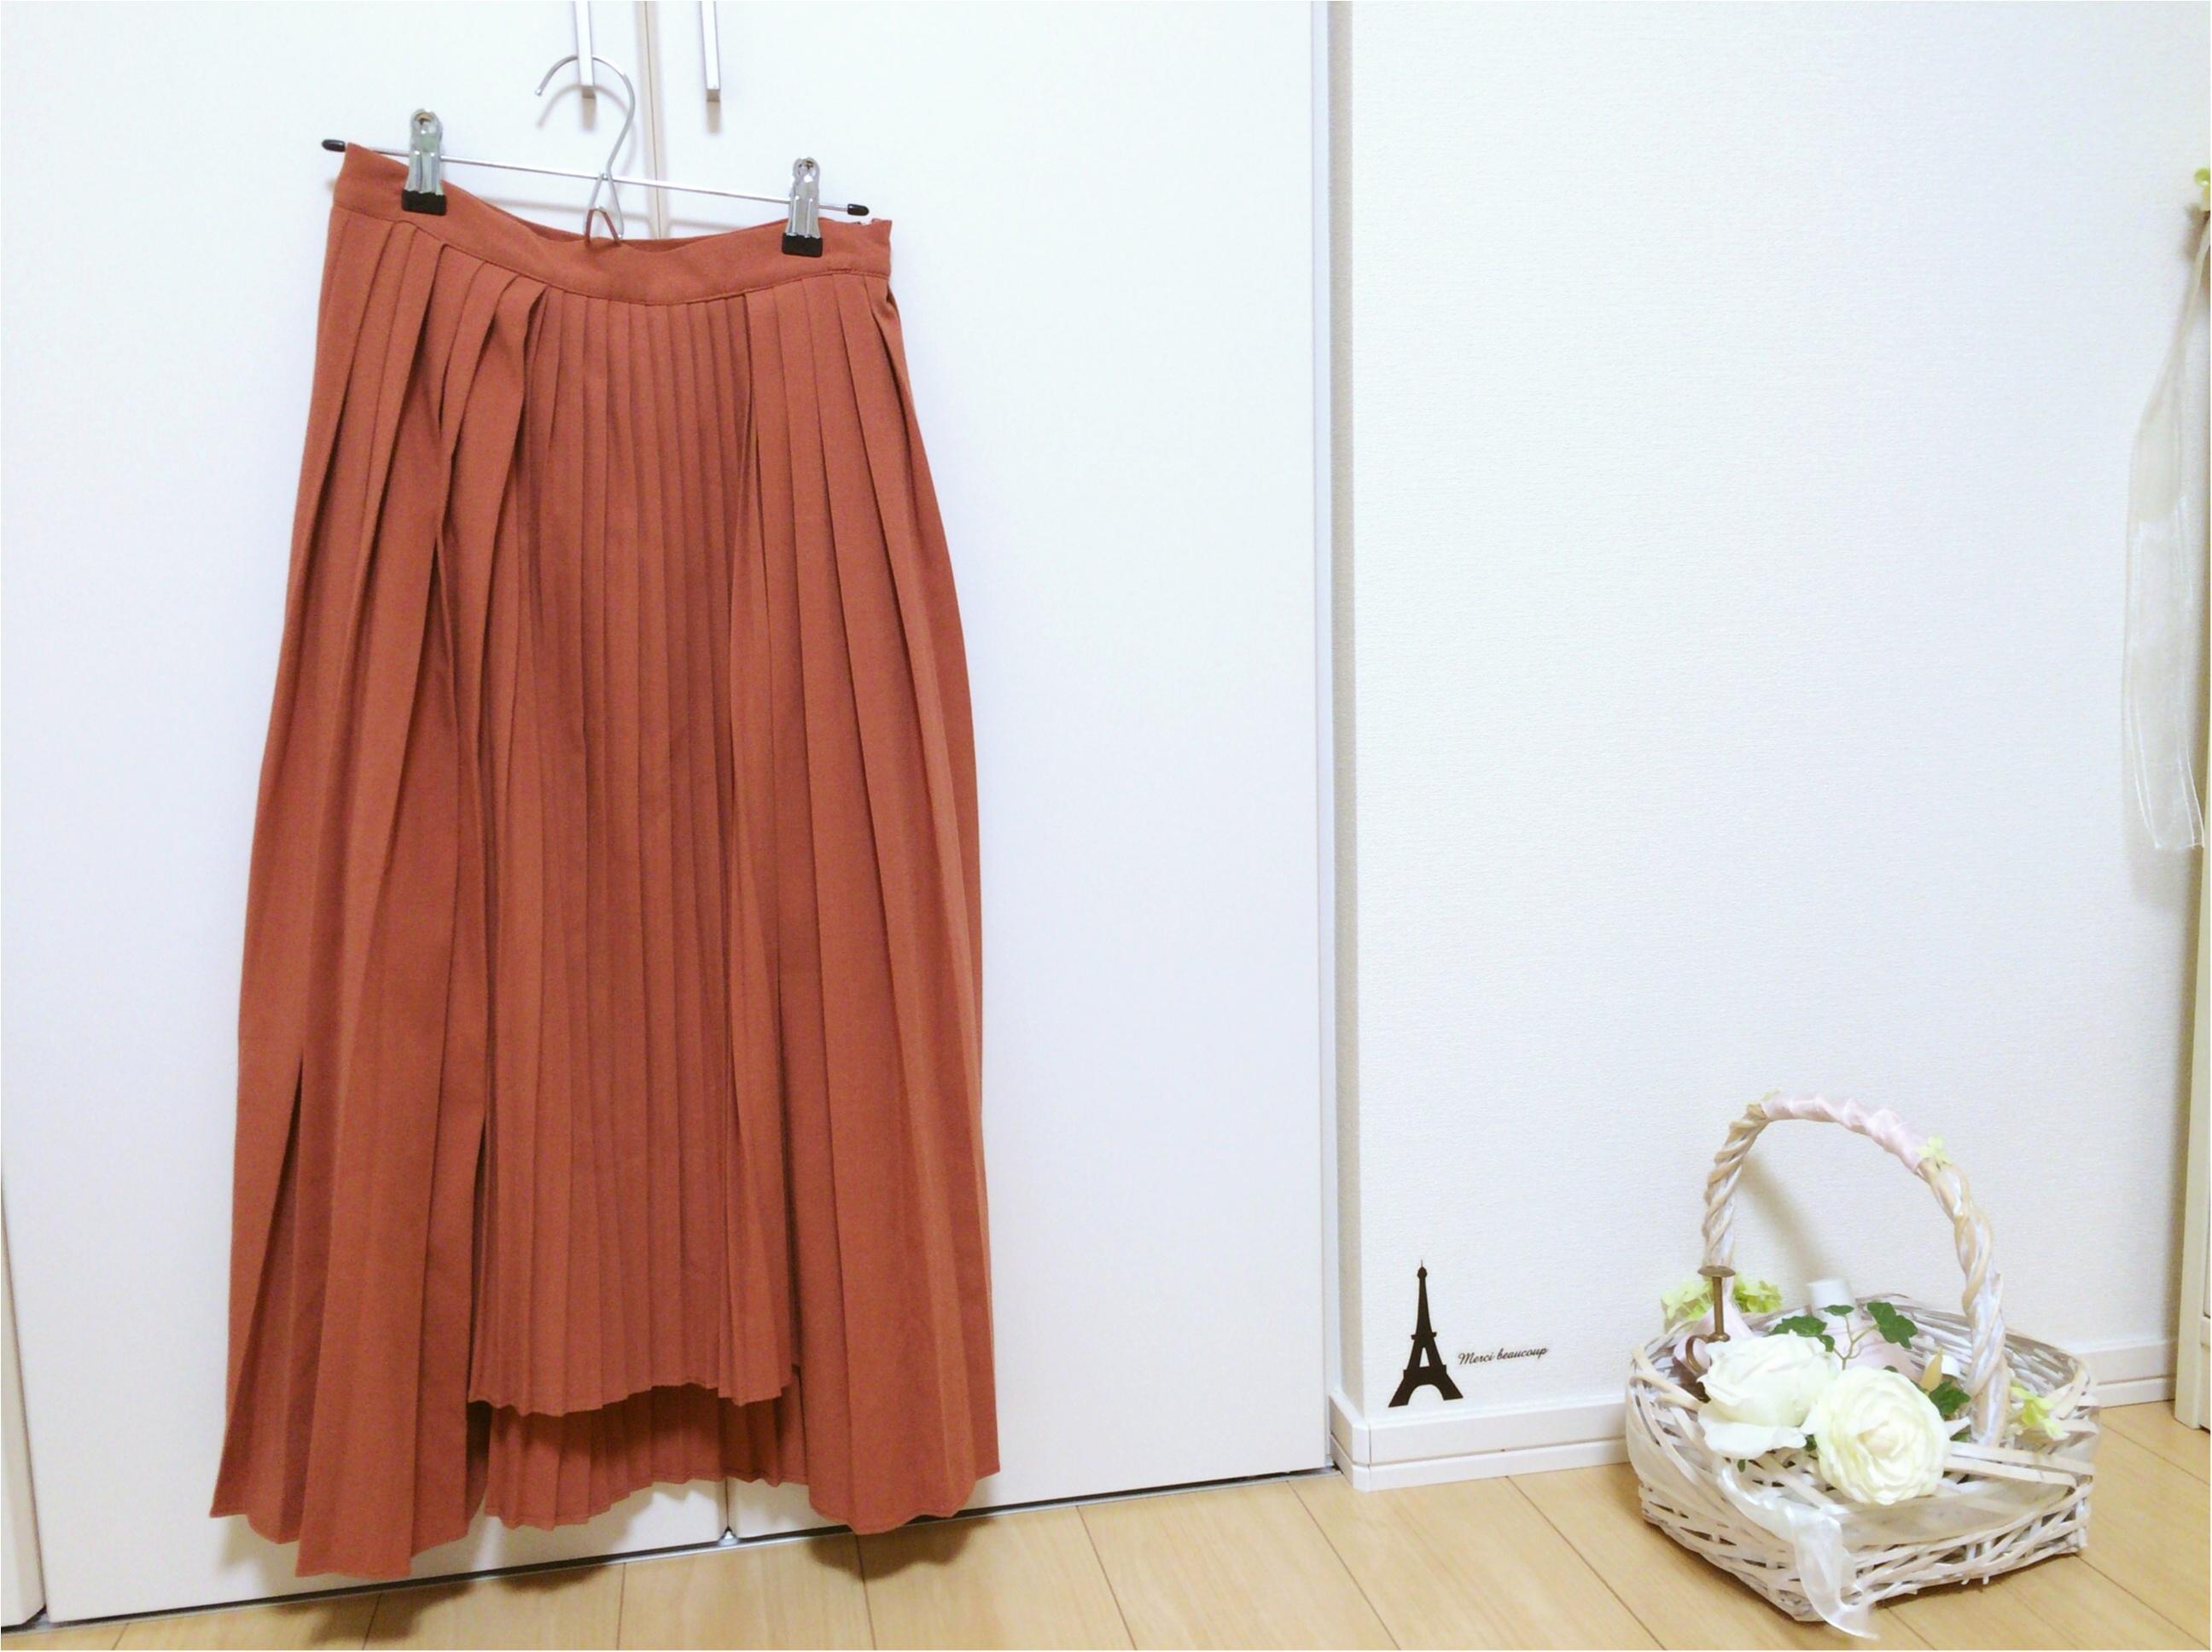 売切前にGETして!♡ 佐藤ありさコラボ《テチチの変形プリーツスカート》が大人気すぎる!_1